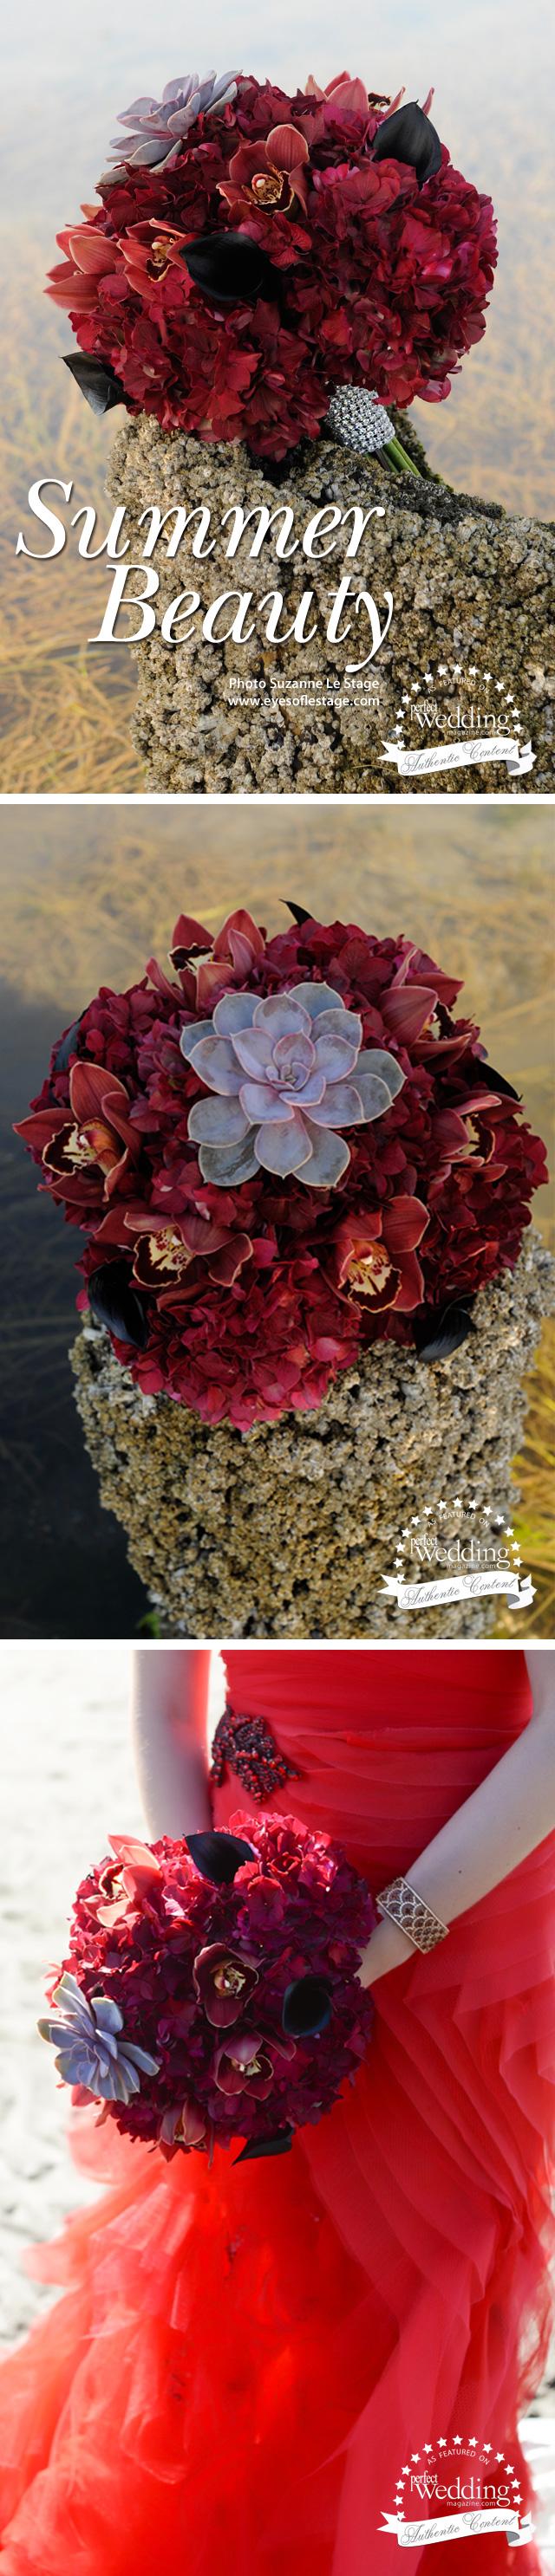 Summer Bouquet, Perfect Wedding Magazine